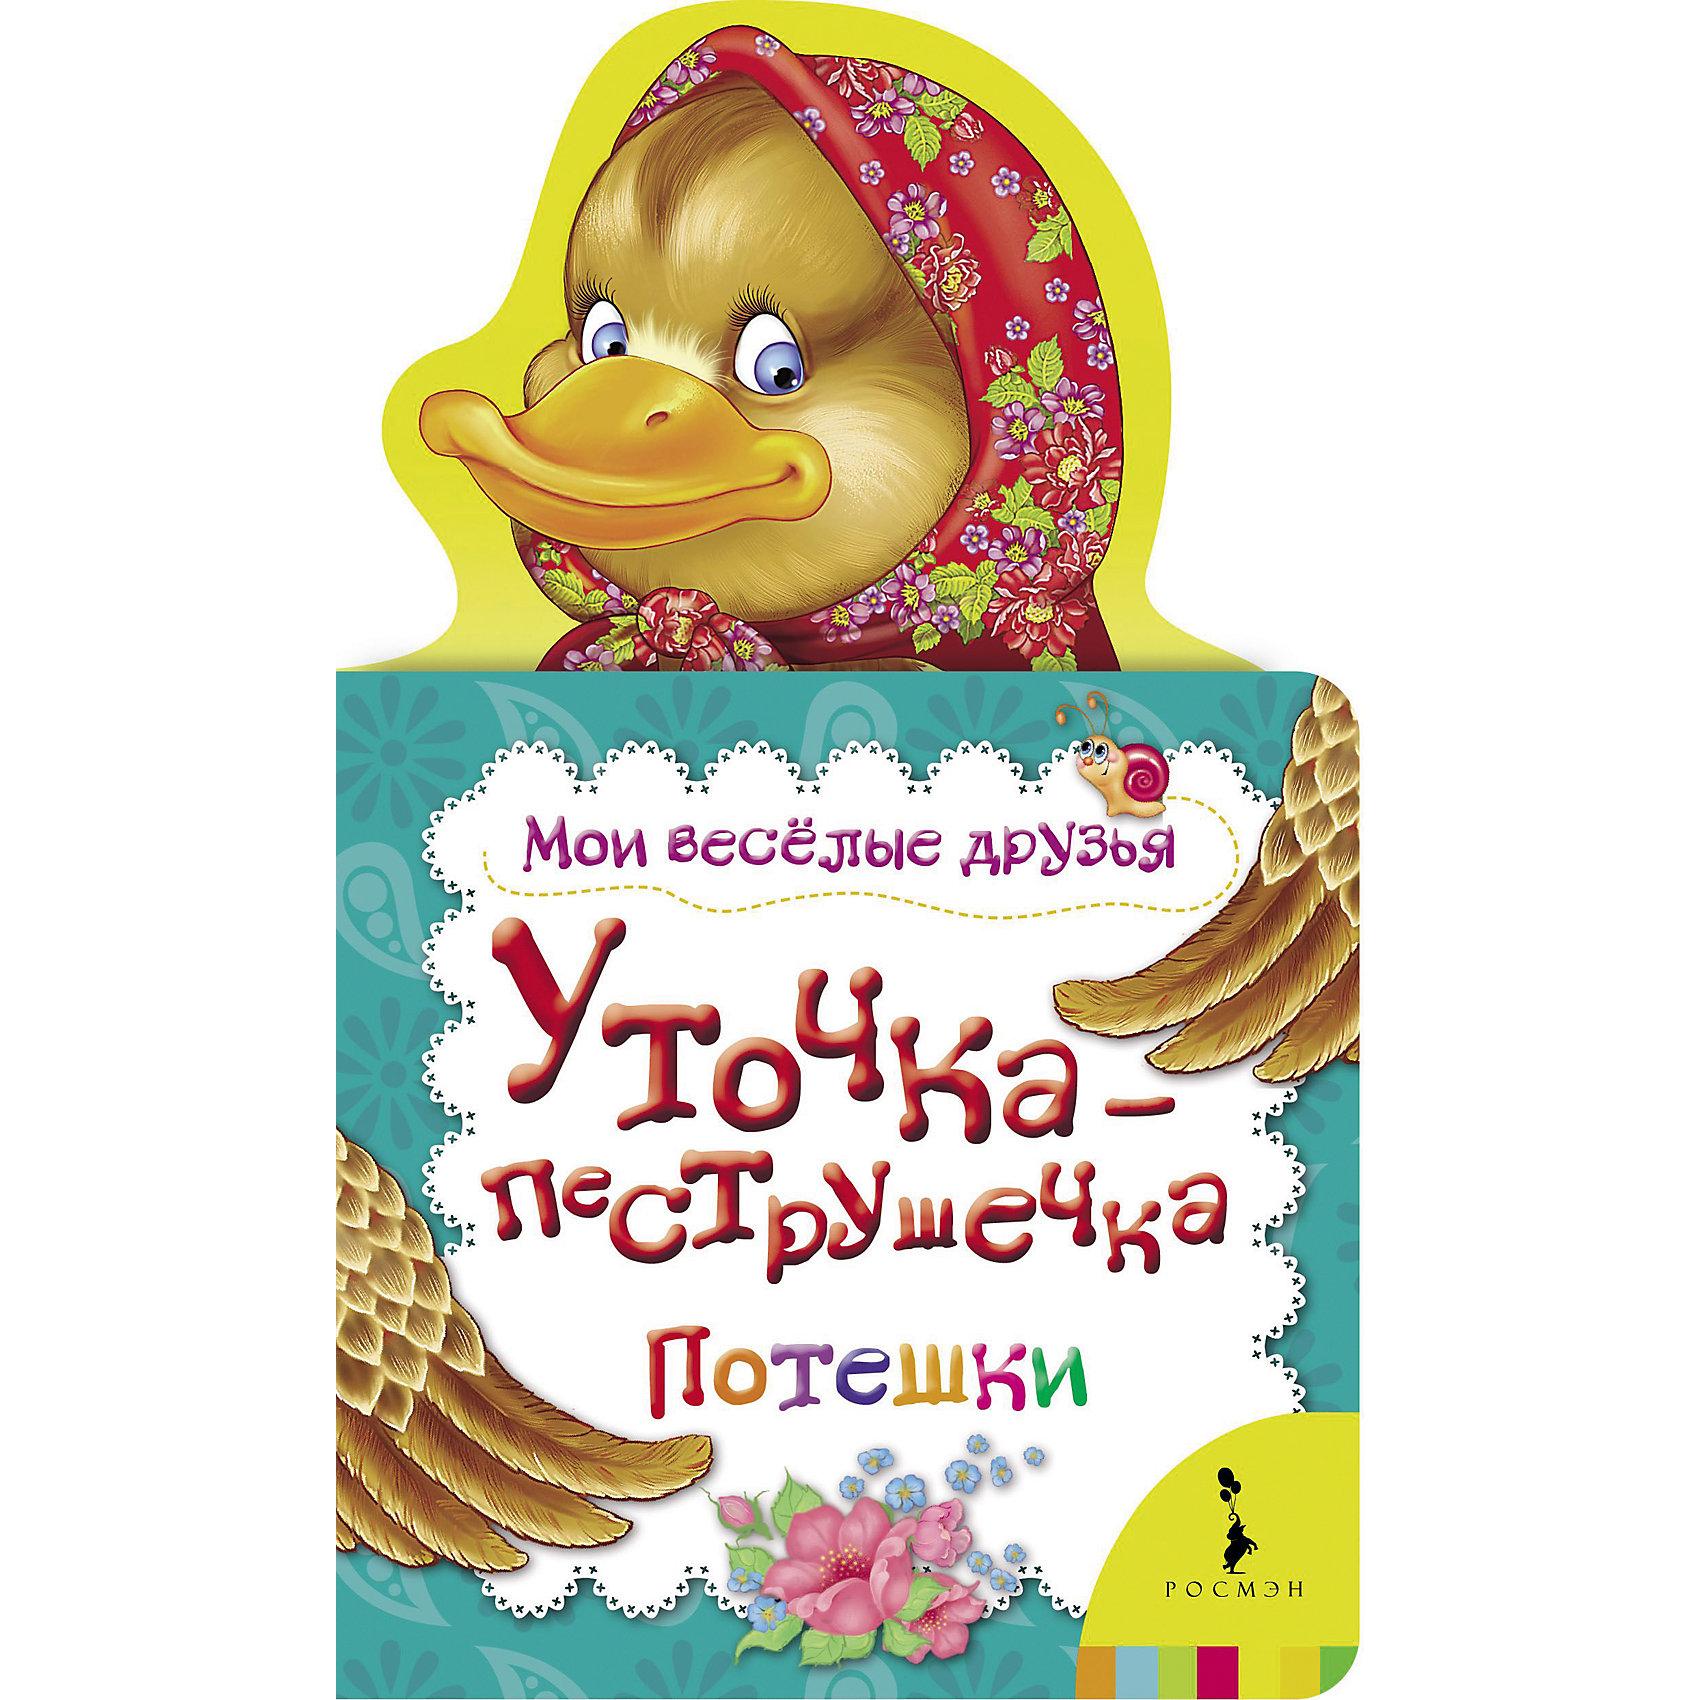 Росмэн Уточка-пеструшечка, Мои веселые друзья книжки картонки росмэн книжка потешка уточка пеструшечка